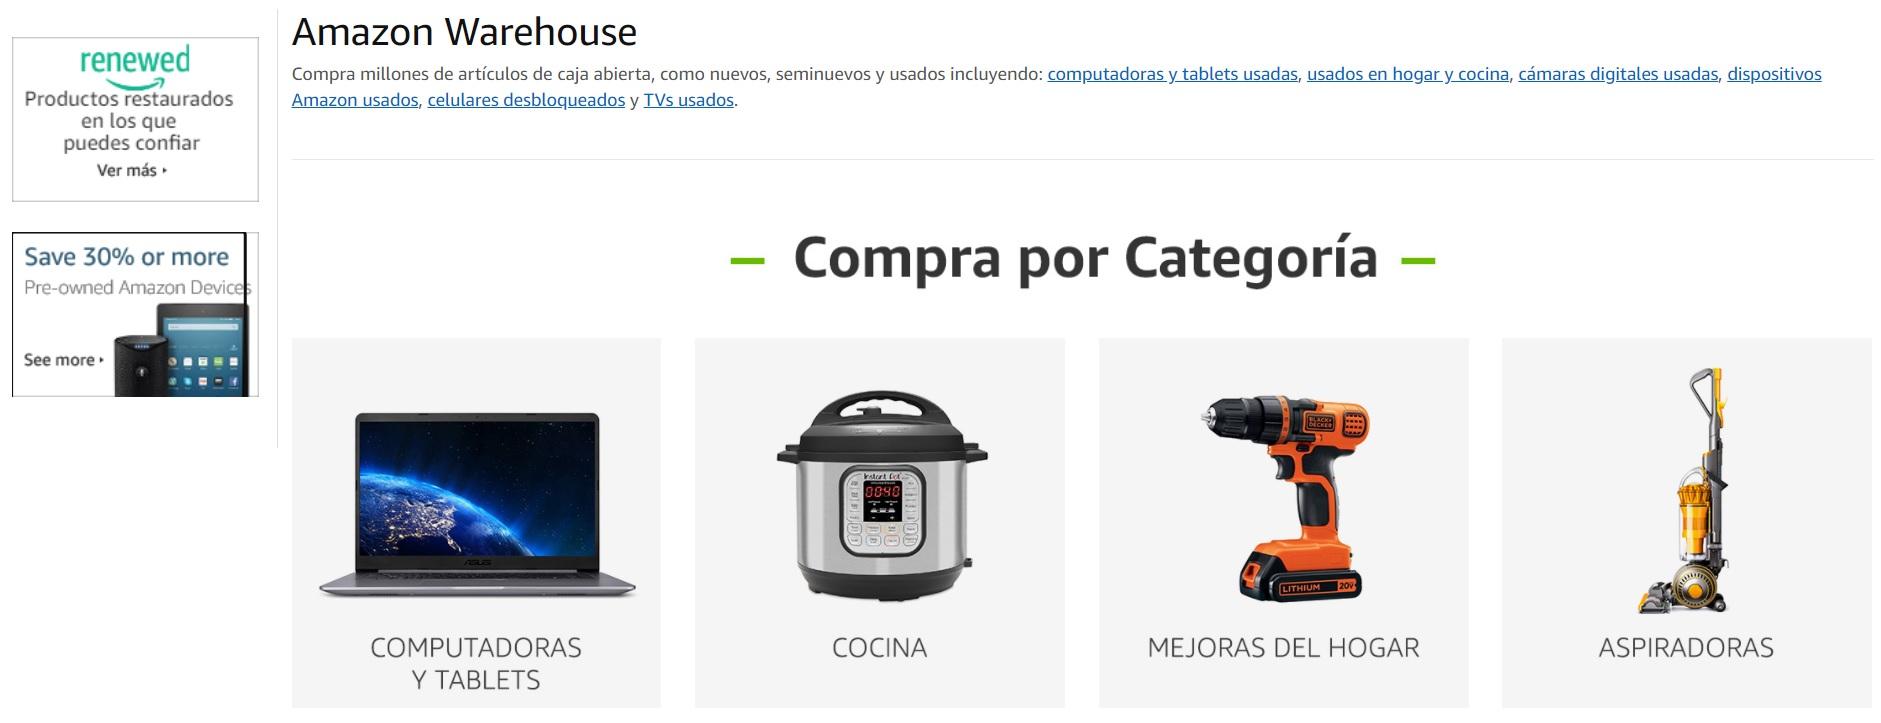 En Amazon Warehouse se pueden encontrar productos a valores más bajos